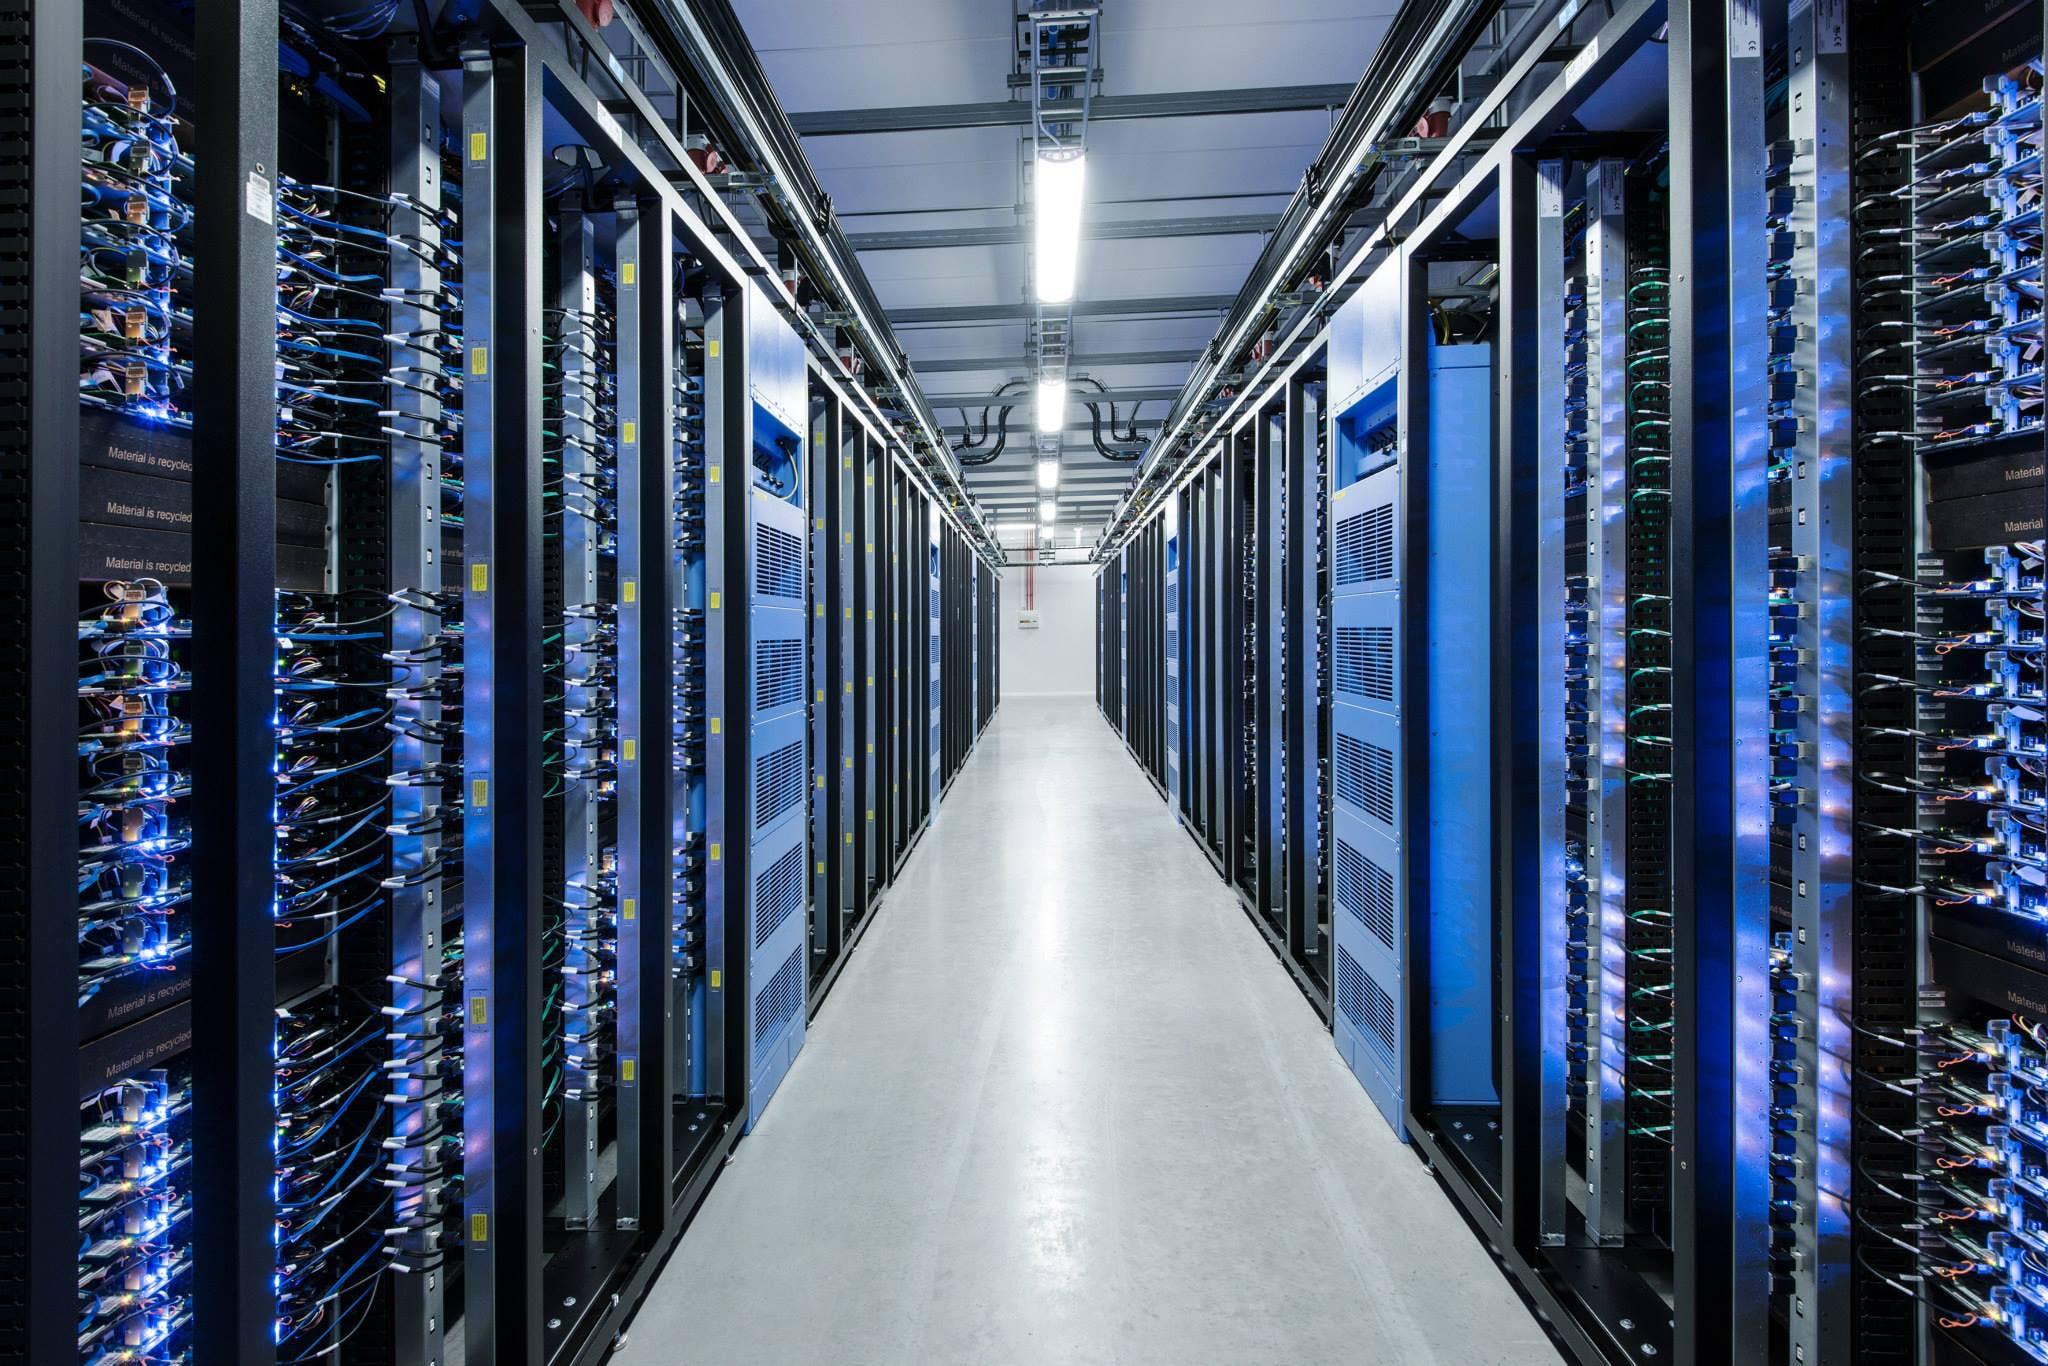 Facebook überarbeitet KI-Hardware und stellt Pläne ins Netz